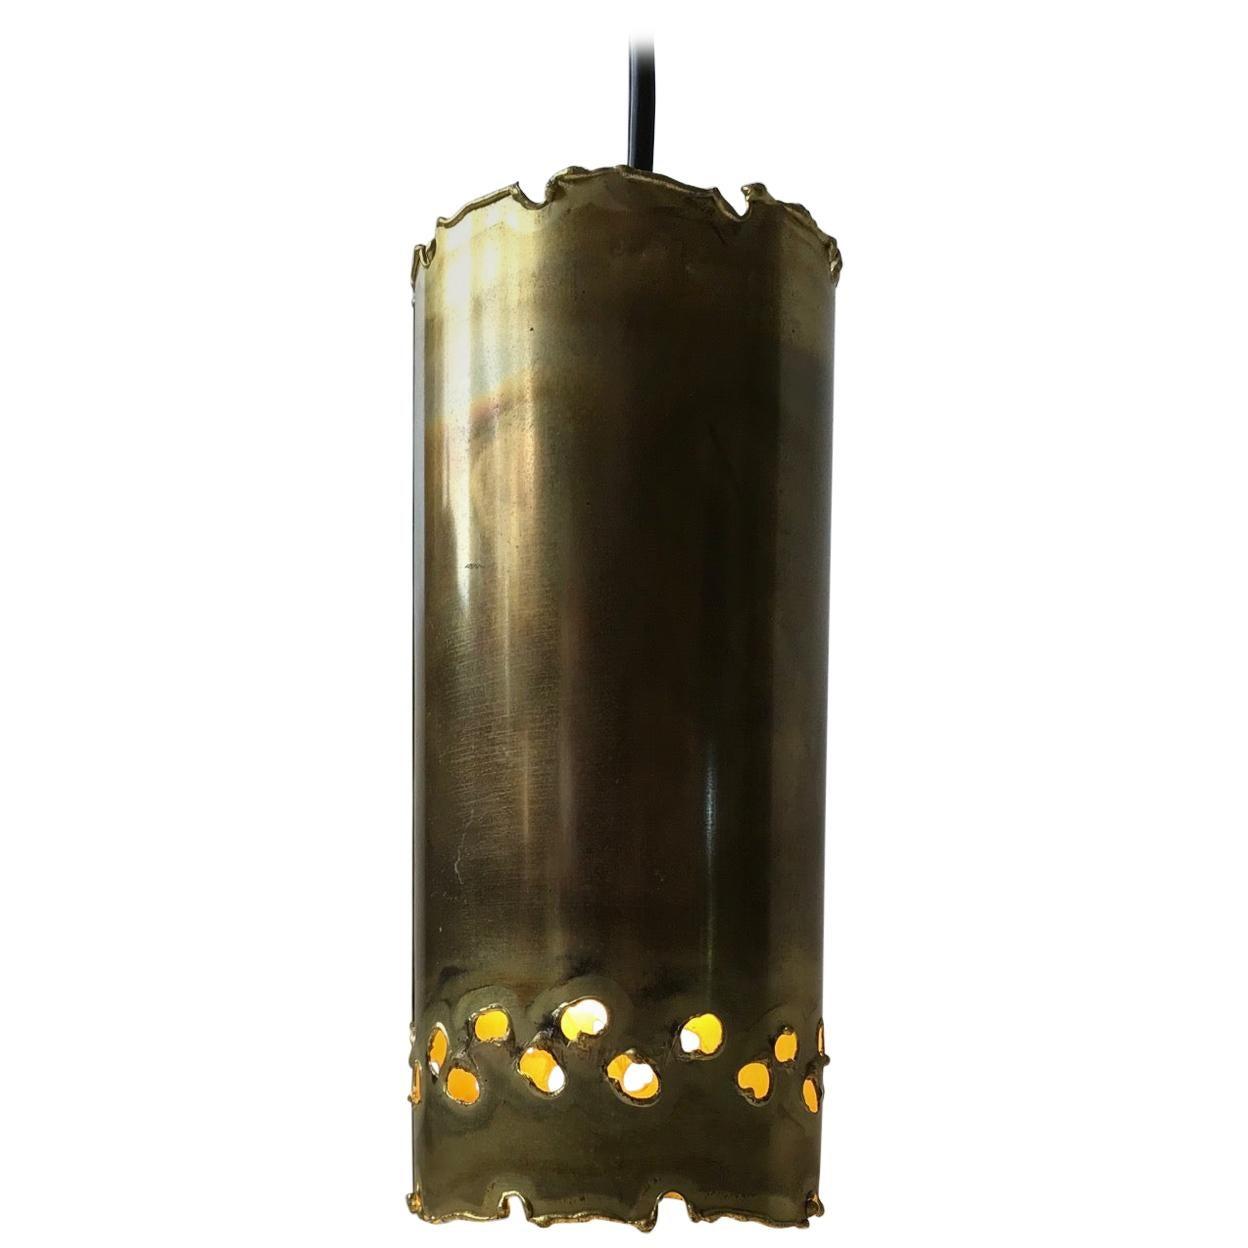 Brutalist Brass Hanging Lamp by Svend Aage Holm Sørensen, 1960s